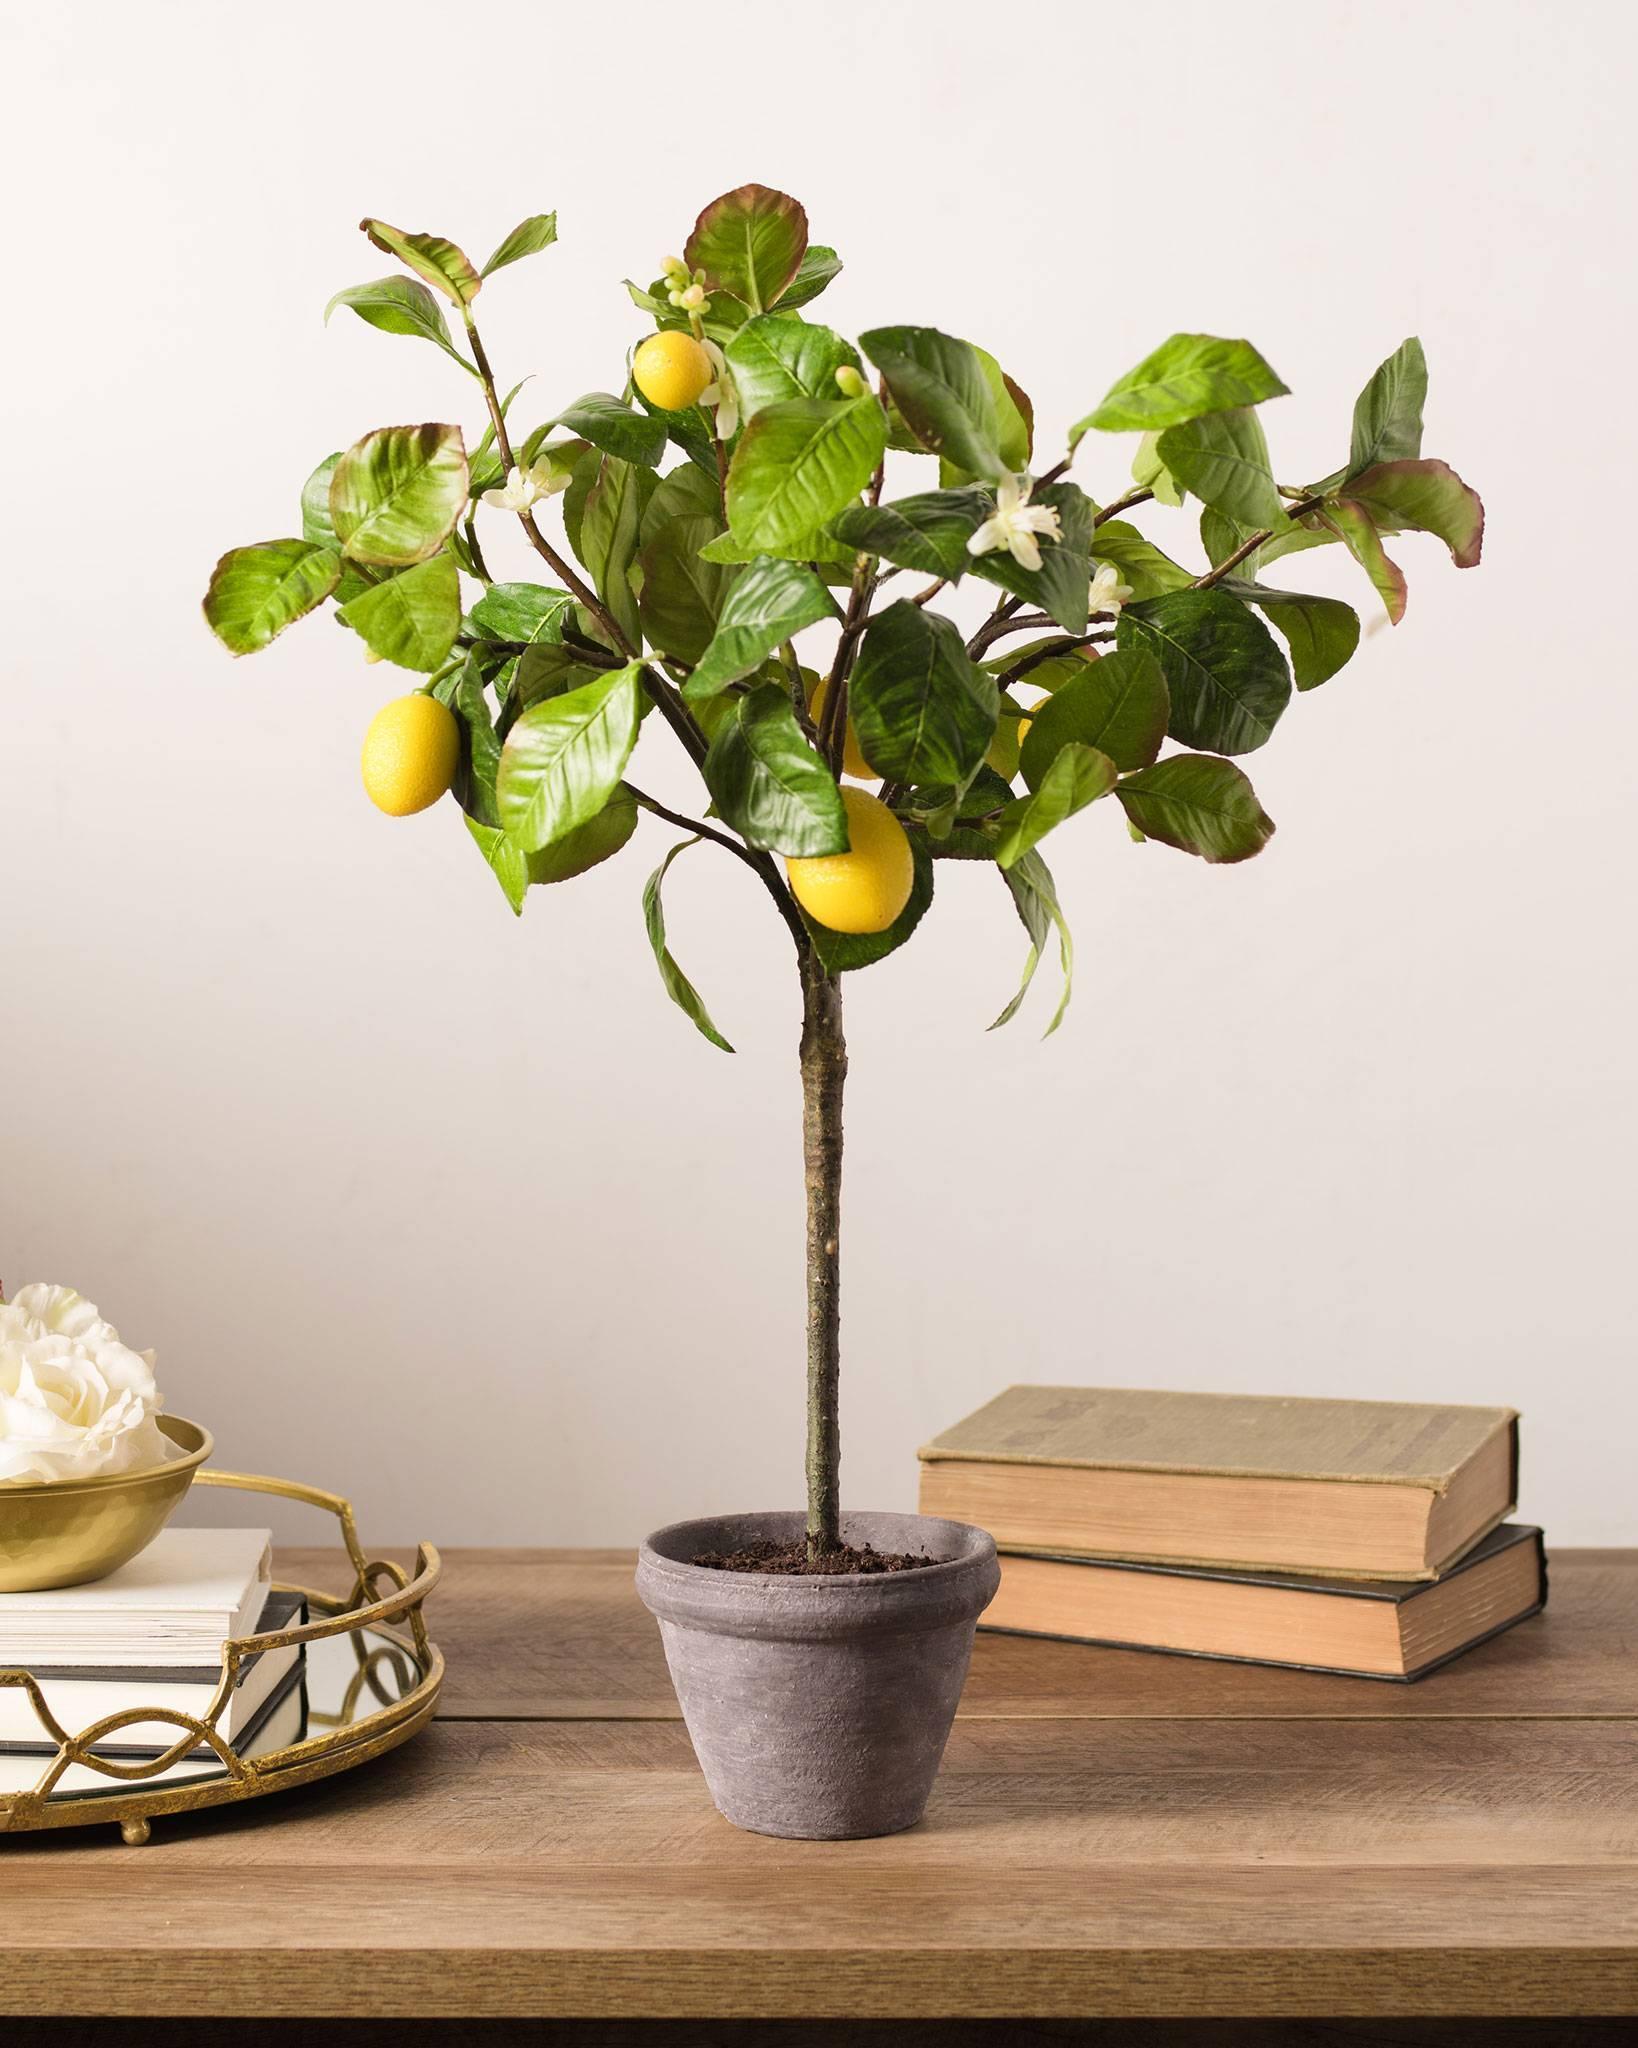 Уход за комнатными растениями в домашних условиях цитрусовые